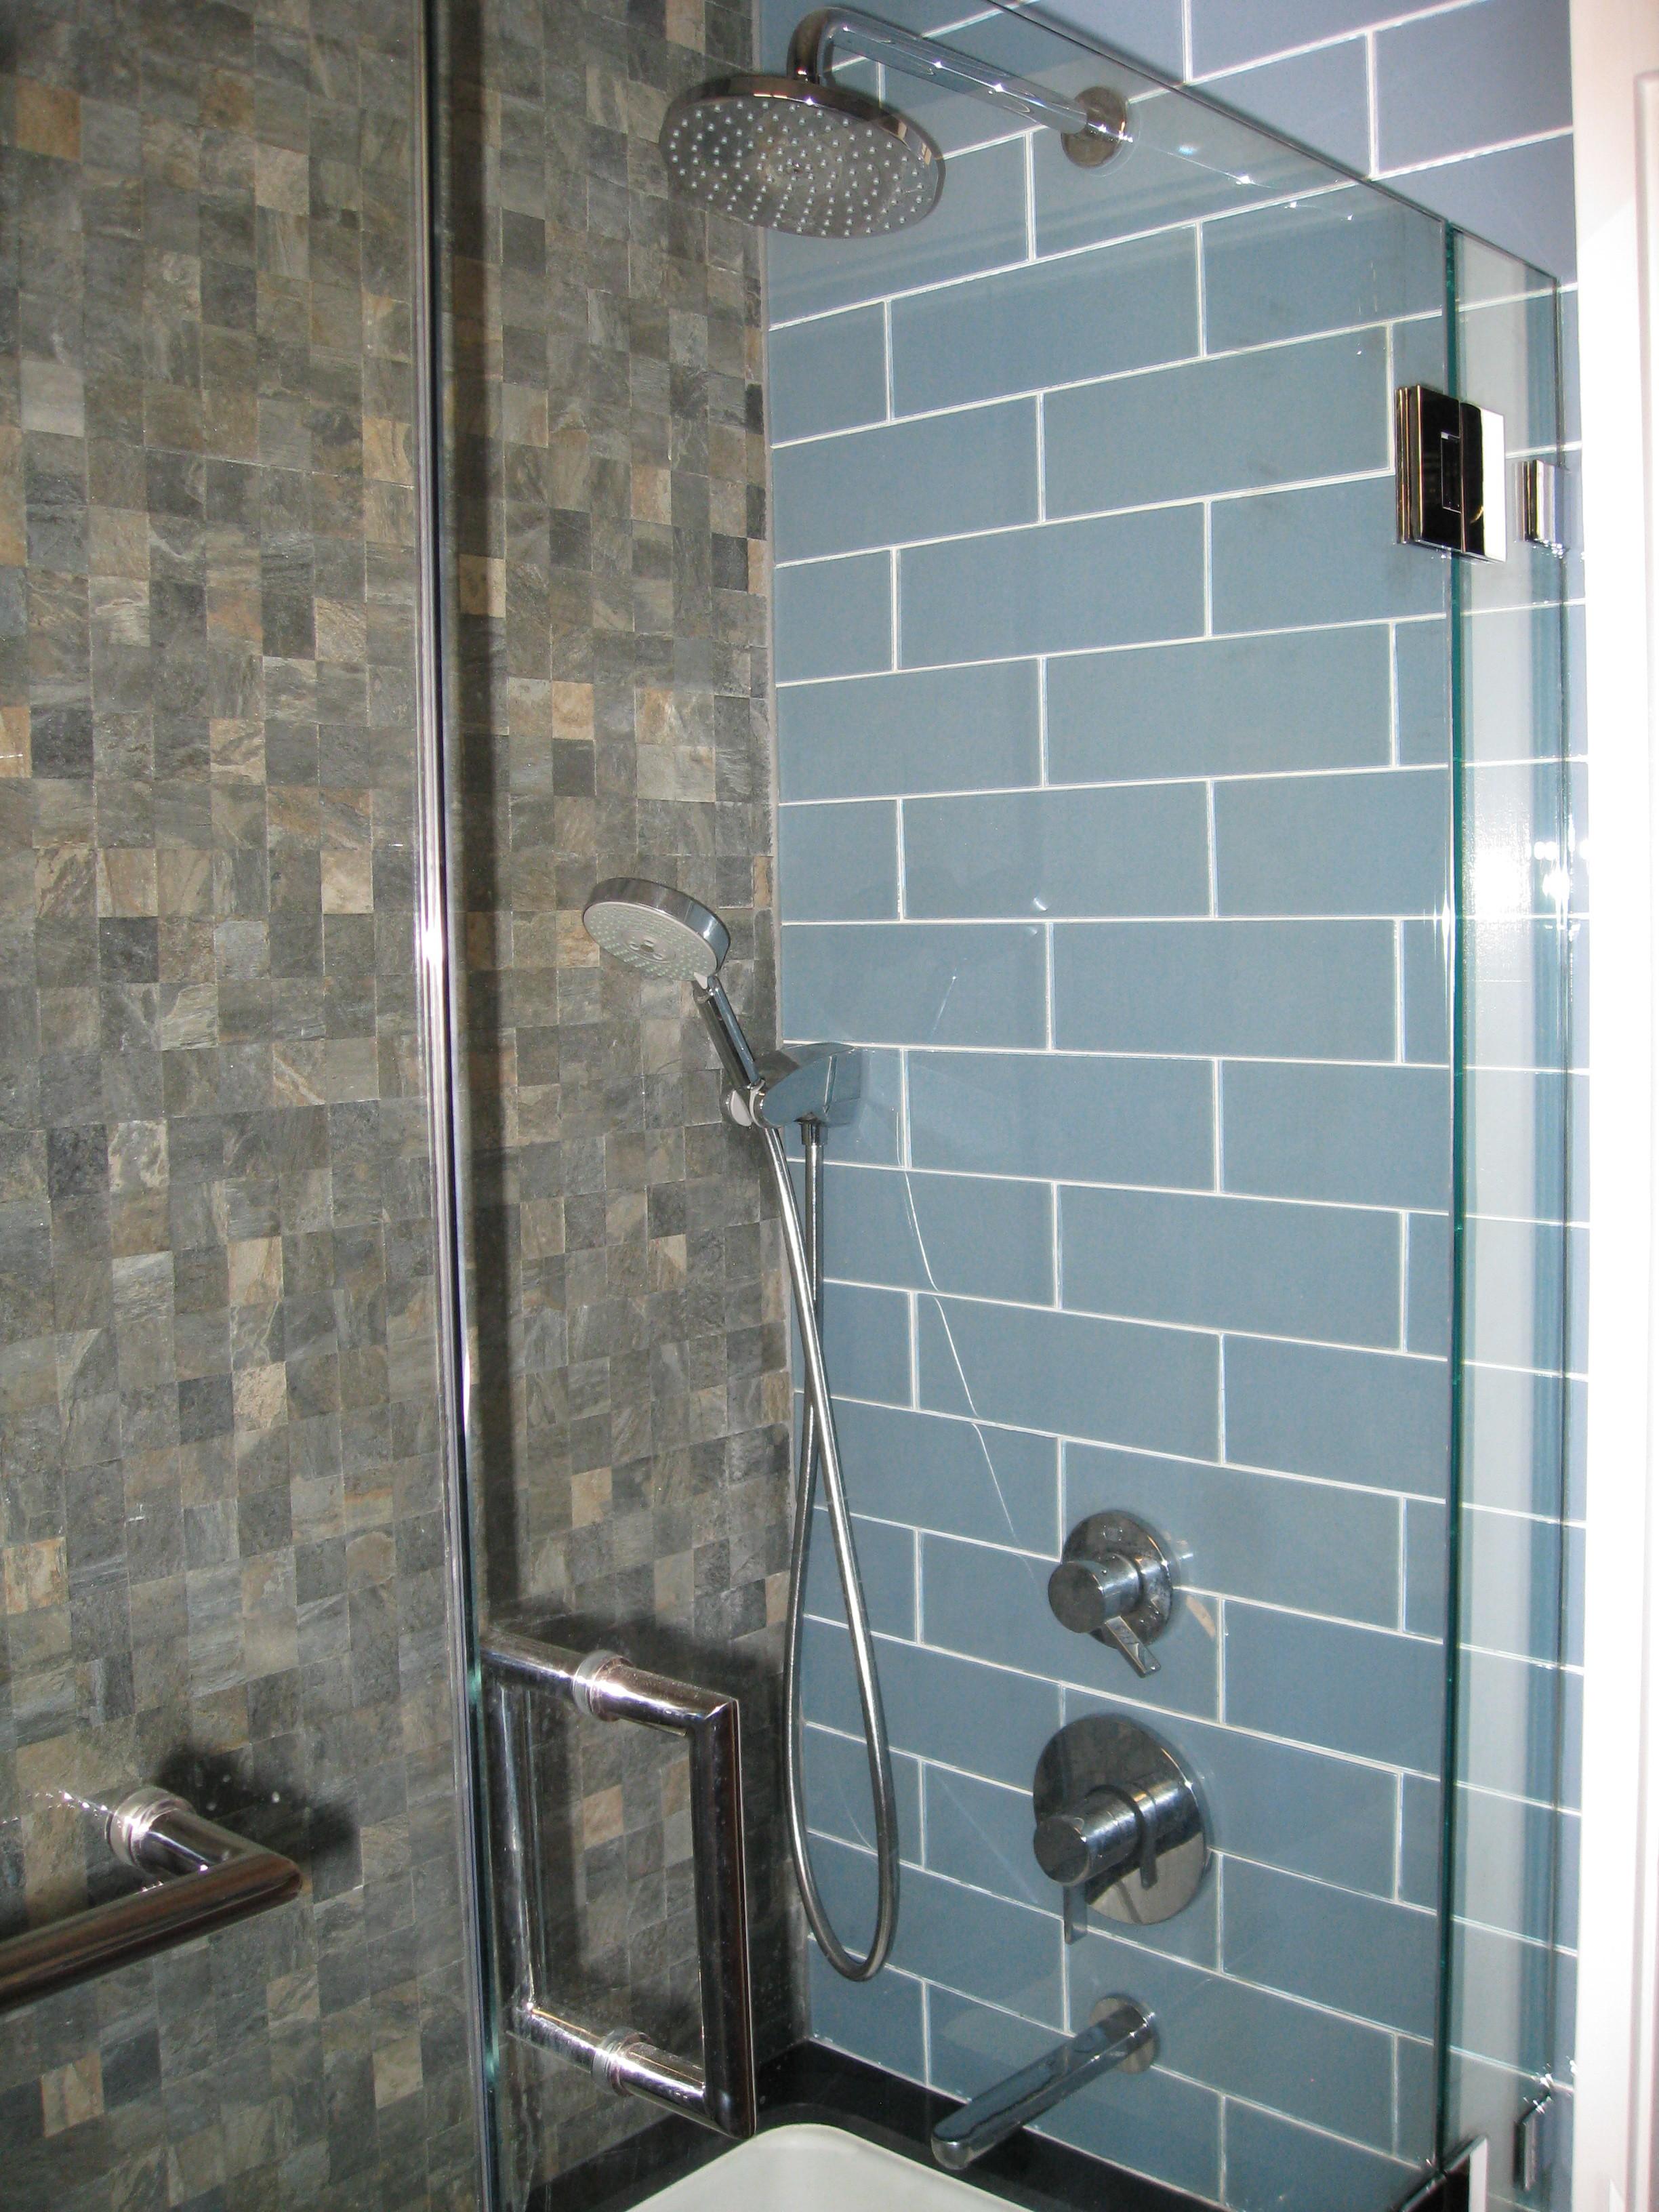 4x12 Marble Subway Tile Backsplash